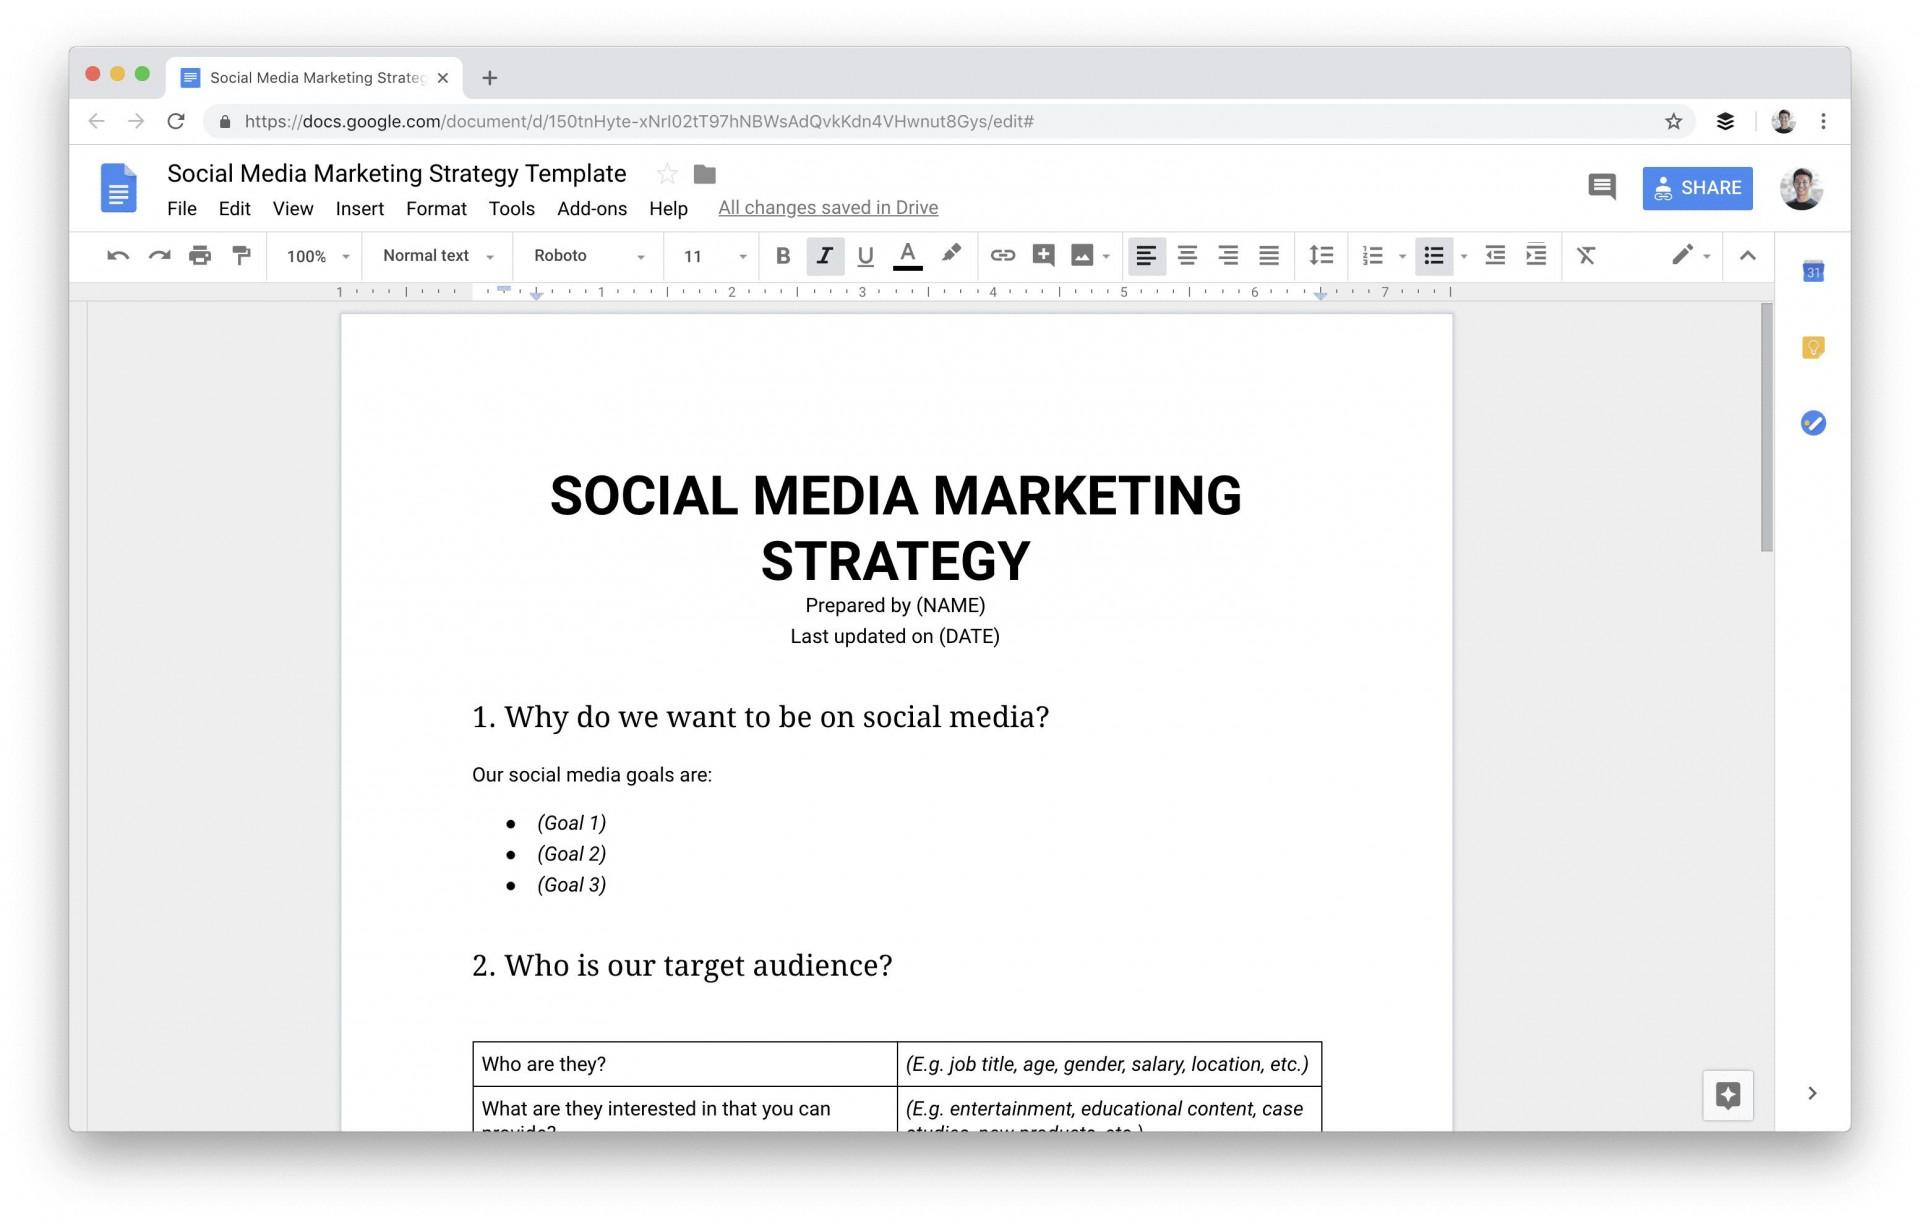 009 Marvelou Social Media Planning Template Image  Plan Sample Pdf Hubspot Excel Free Download1920